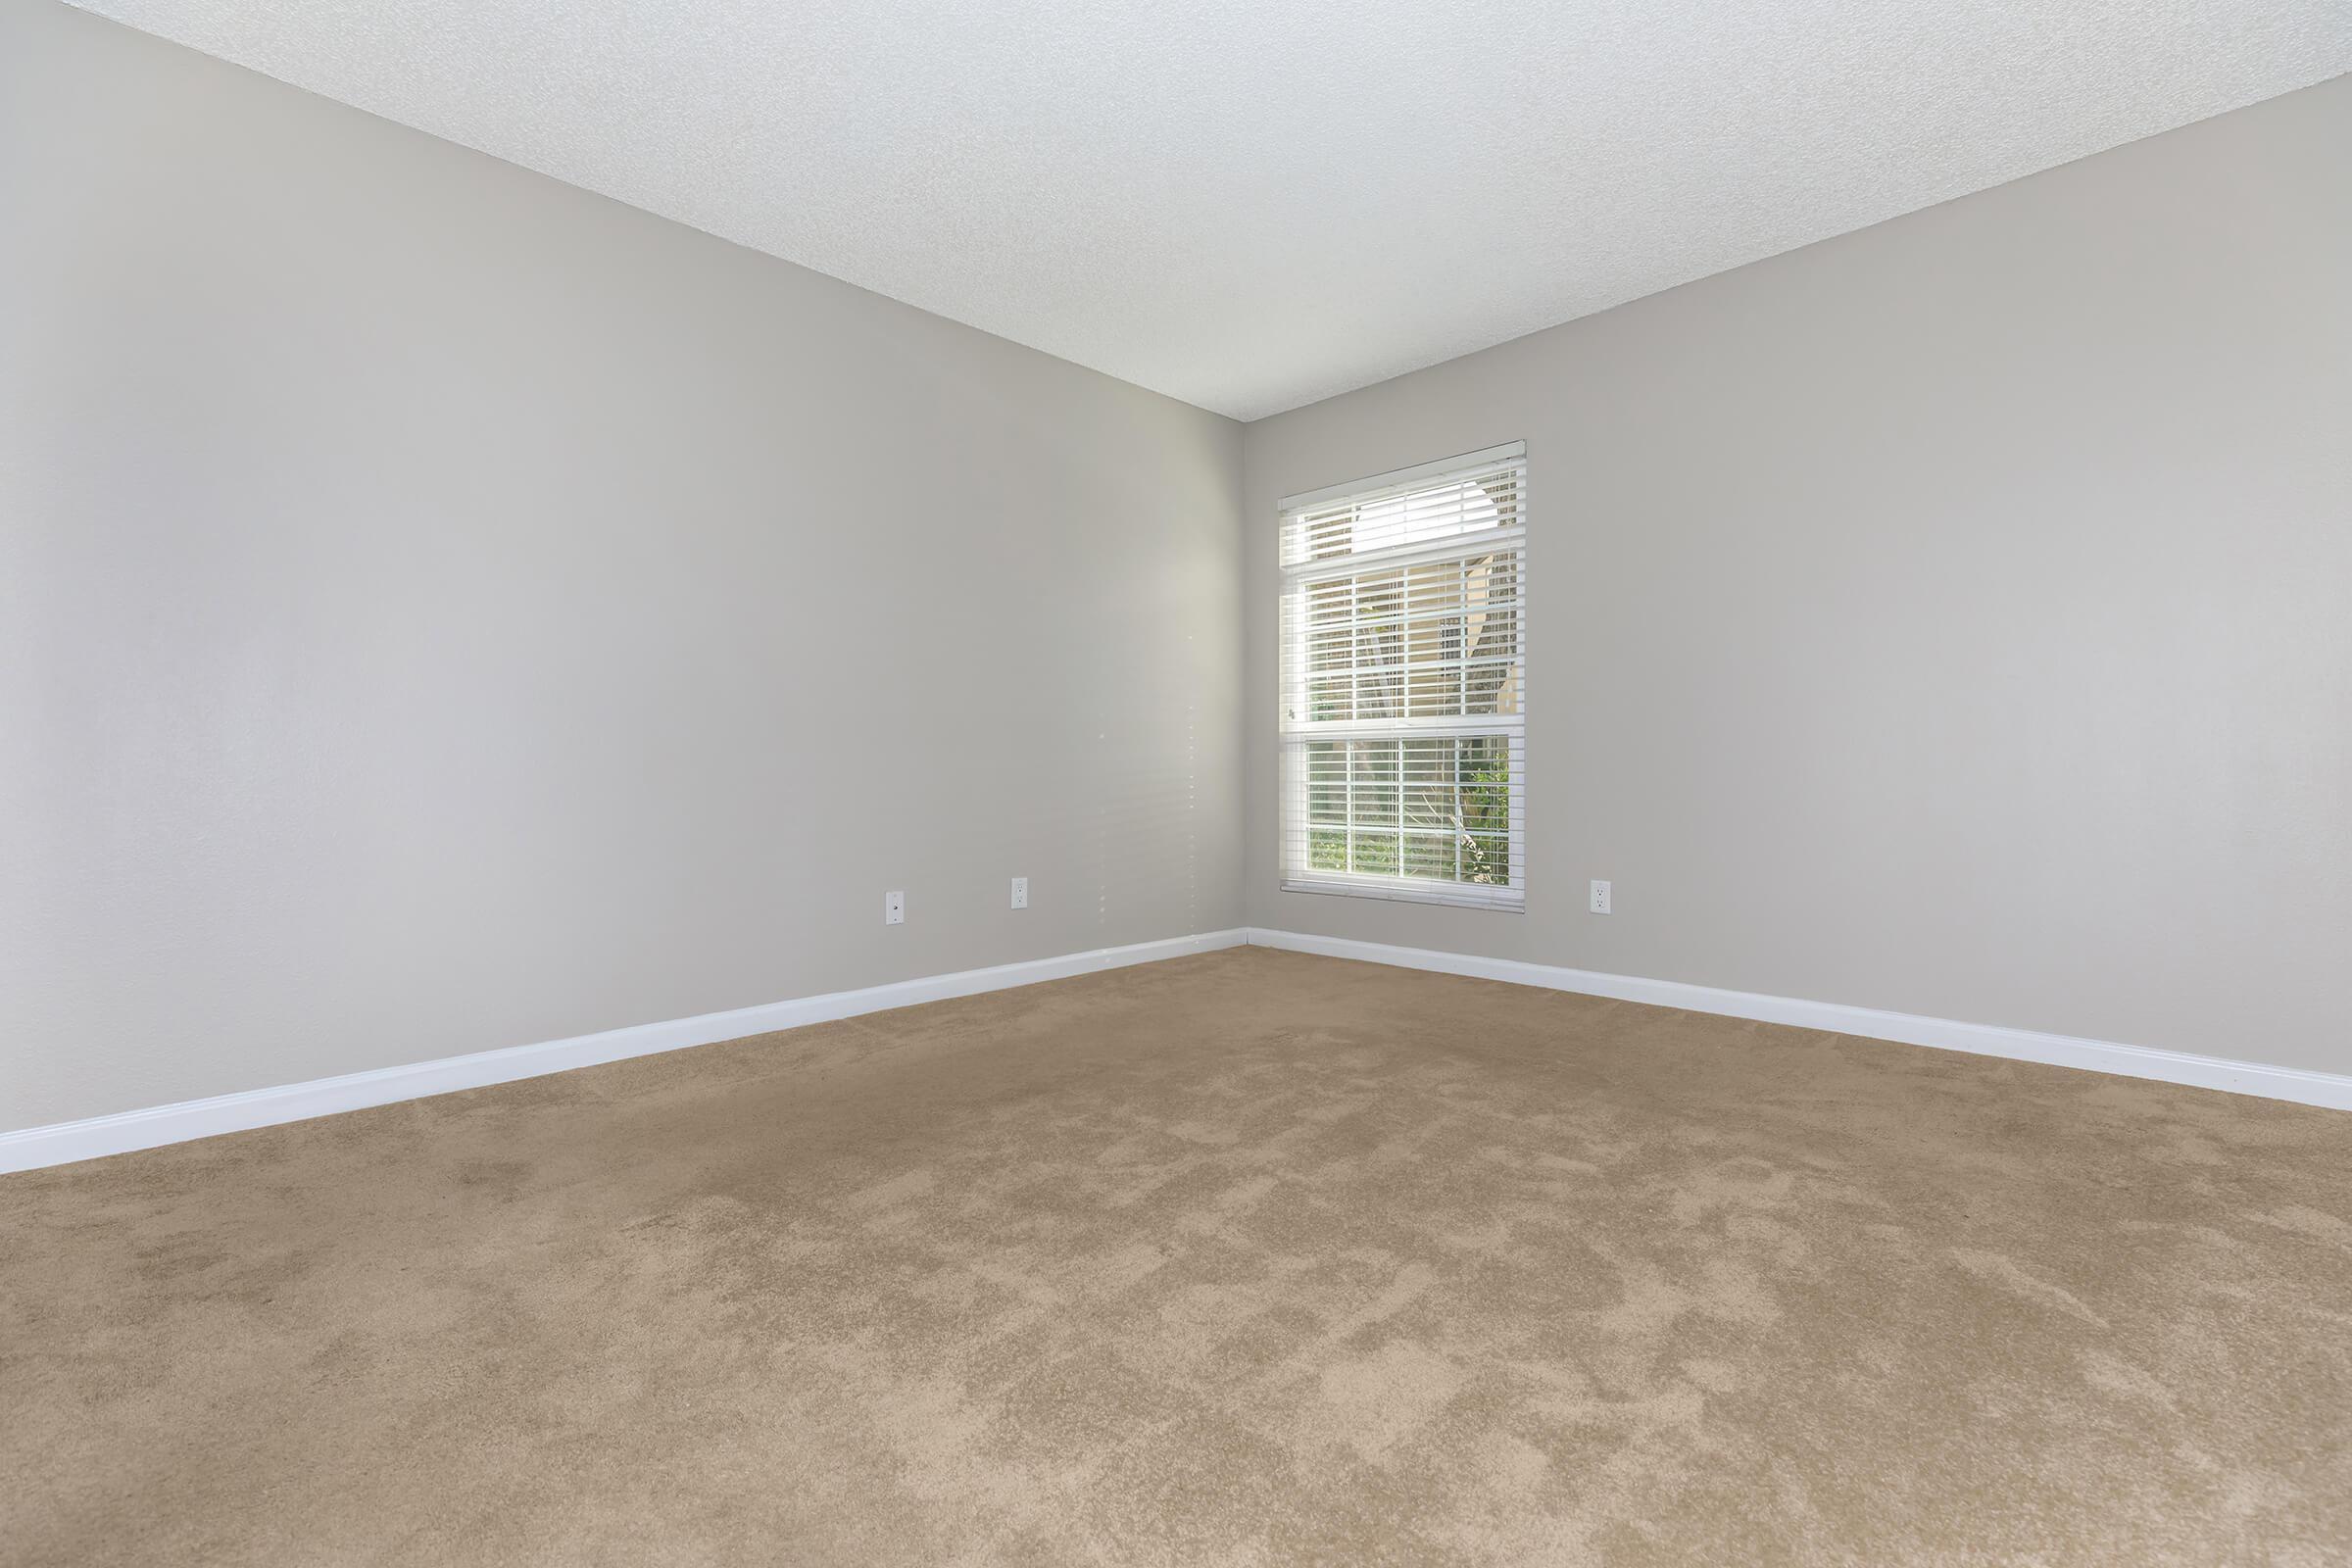 Room at The Lake in Fullerton, CA